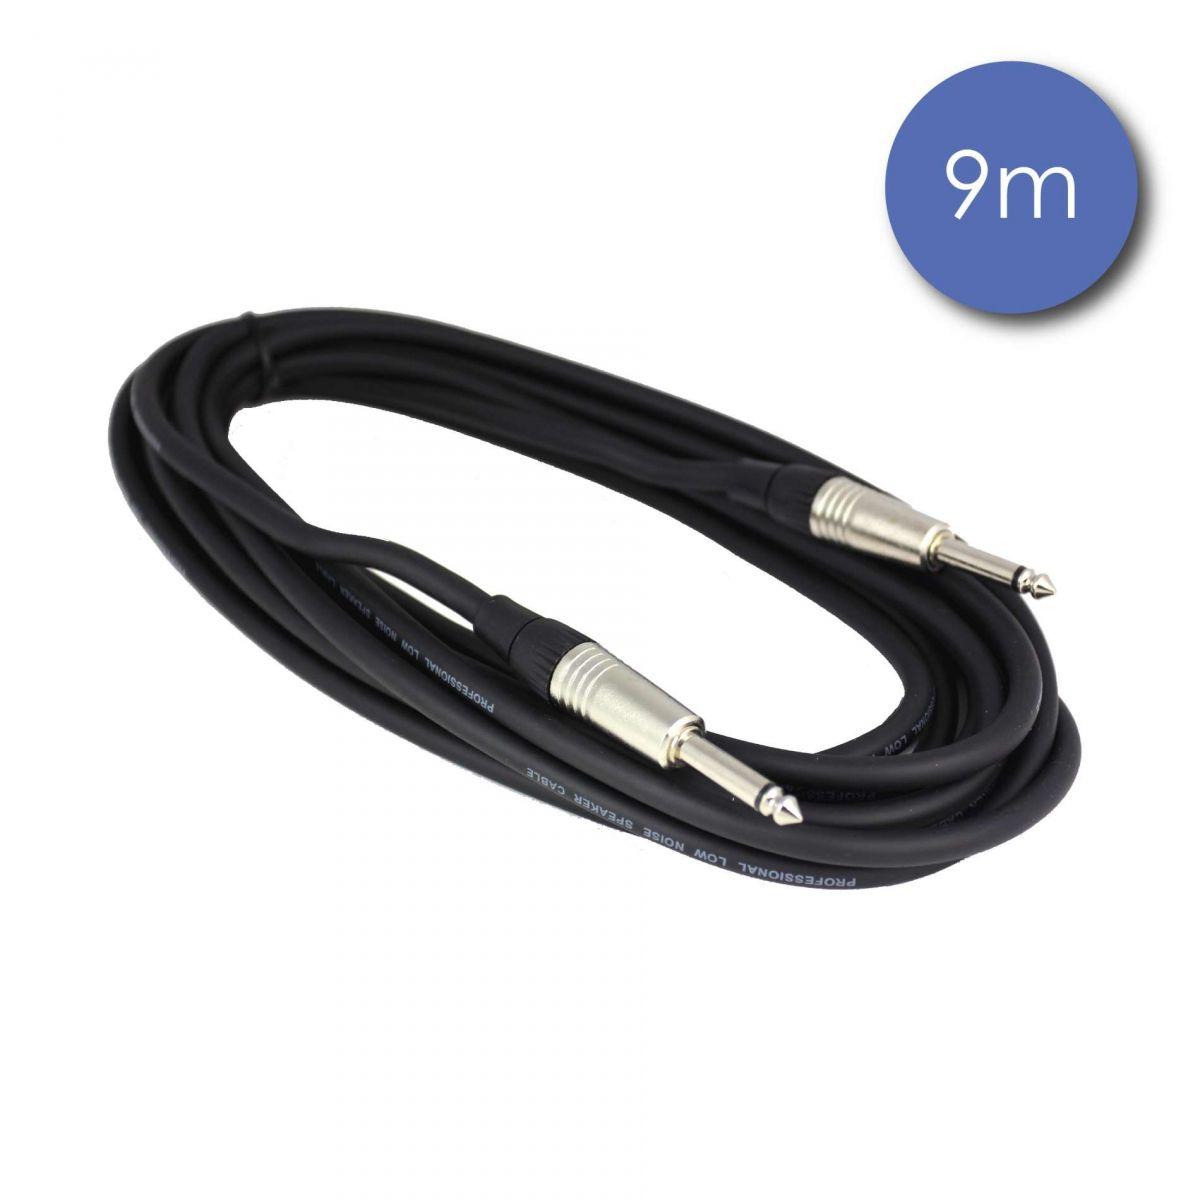 Câbles hauts parleurs JACK / JACK - Power Acoustics - Accessoires - CAB 2037